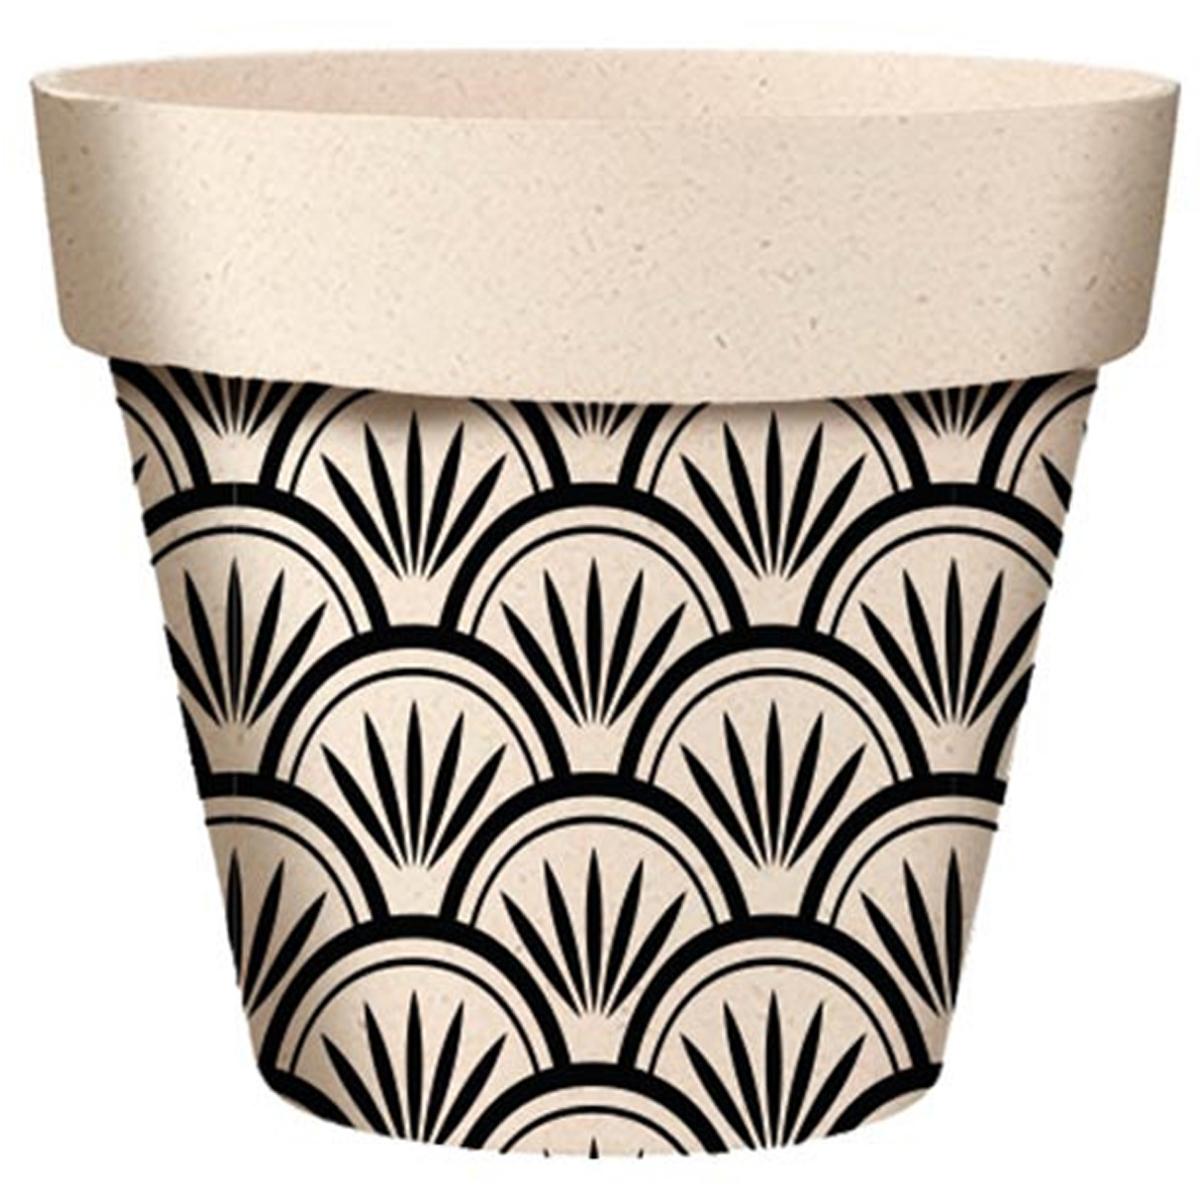 Cache-pot bambou \'Boho\' beige noir - 255x24 cm - [A2036]